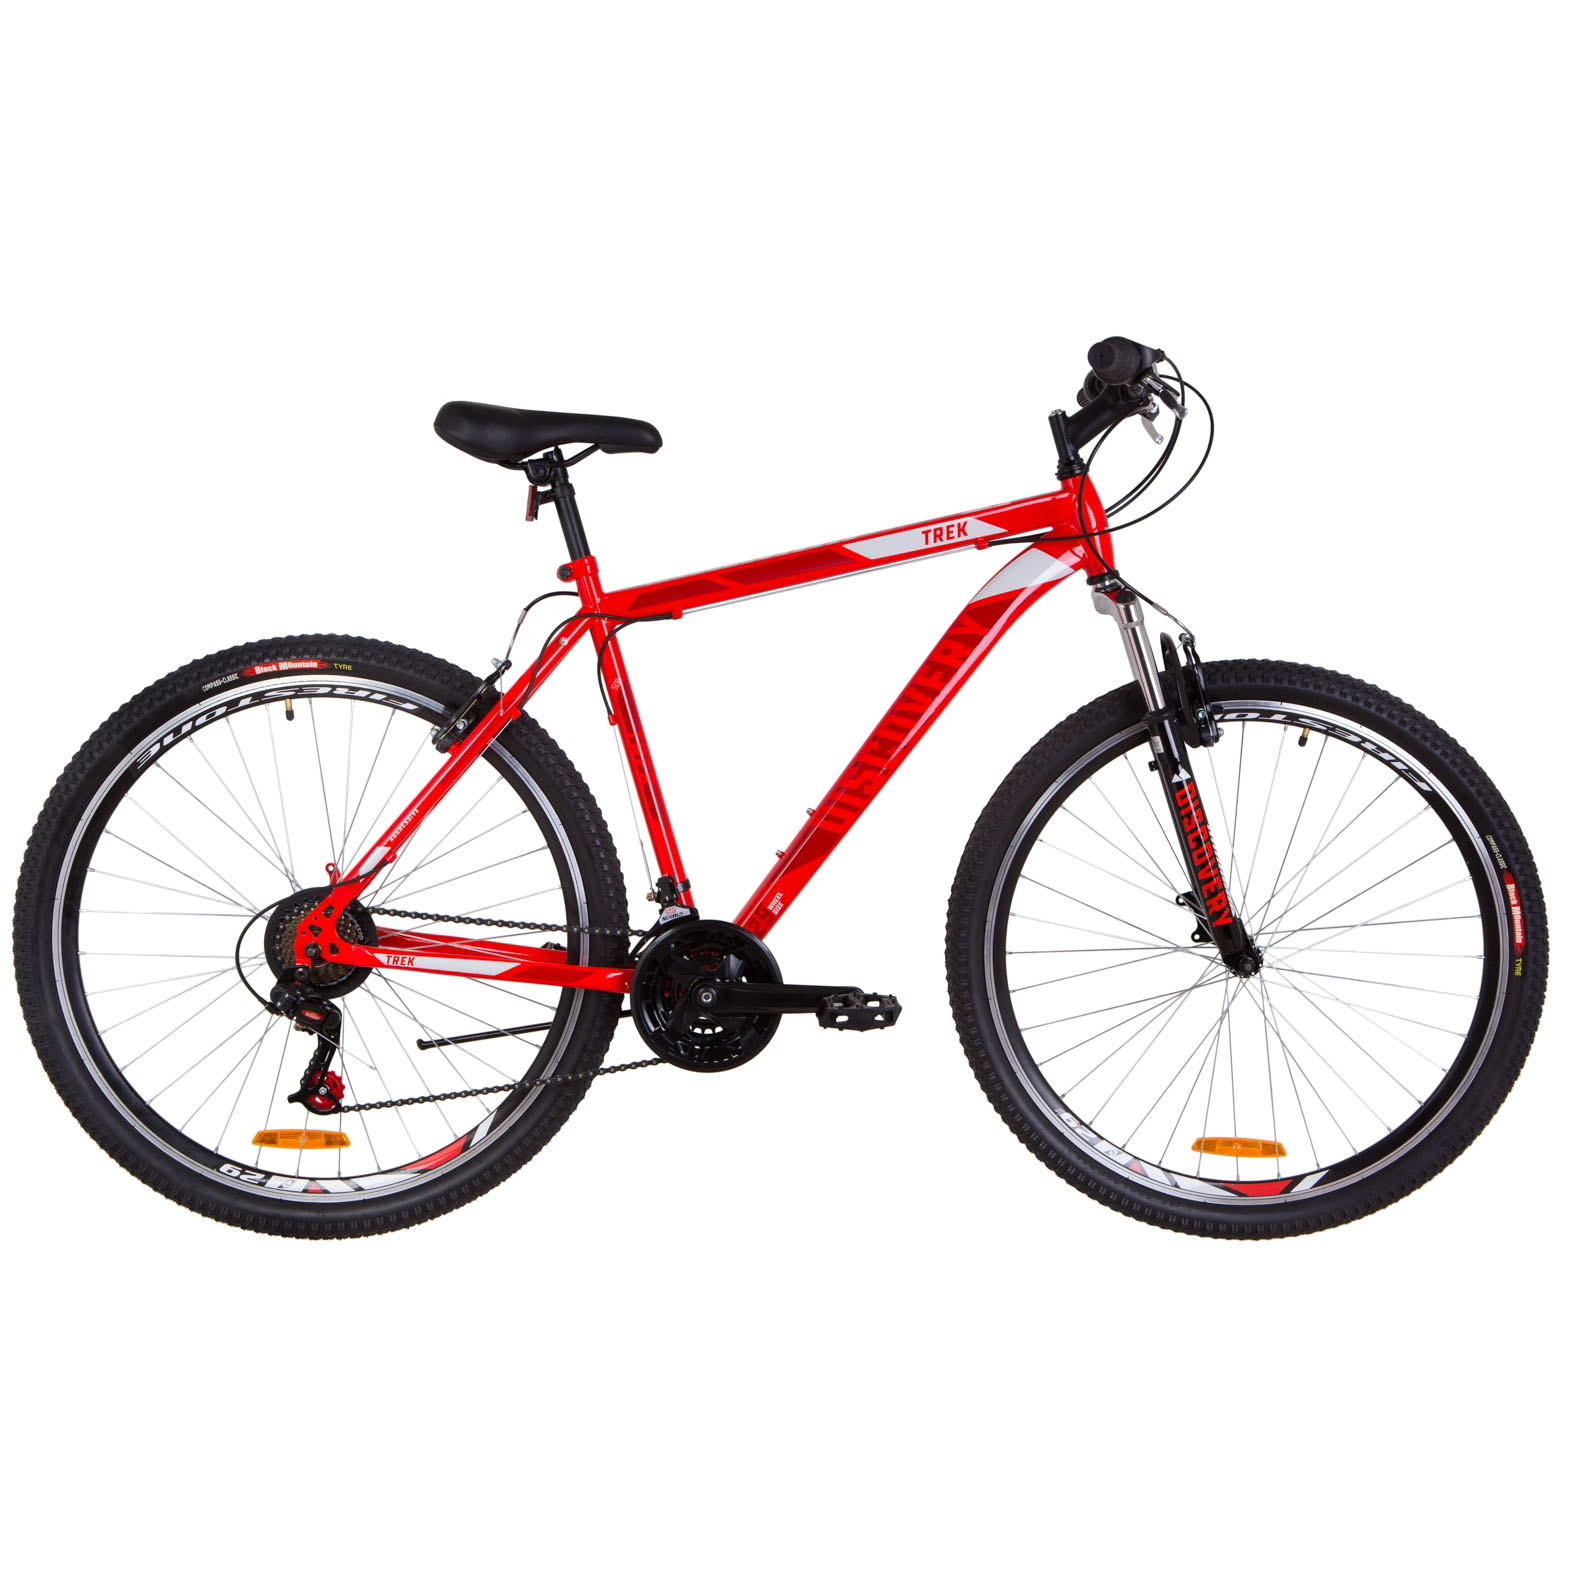 Фото Горный Велосипед 29  Discovery TREK красный 2019